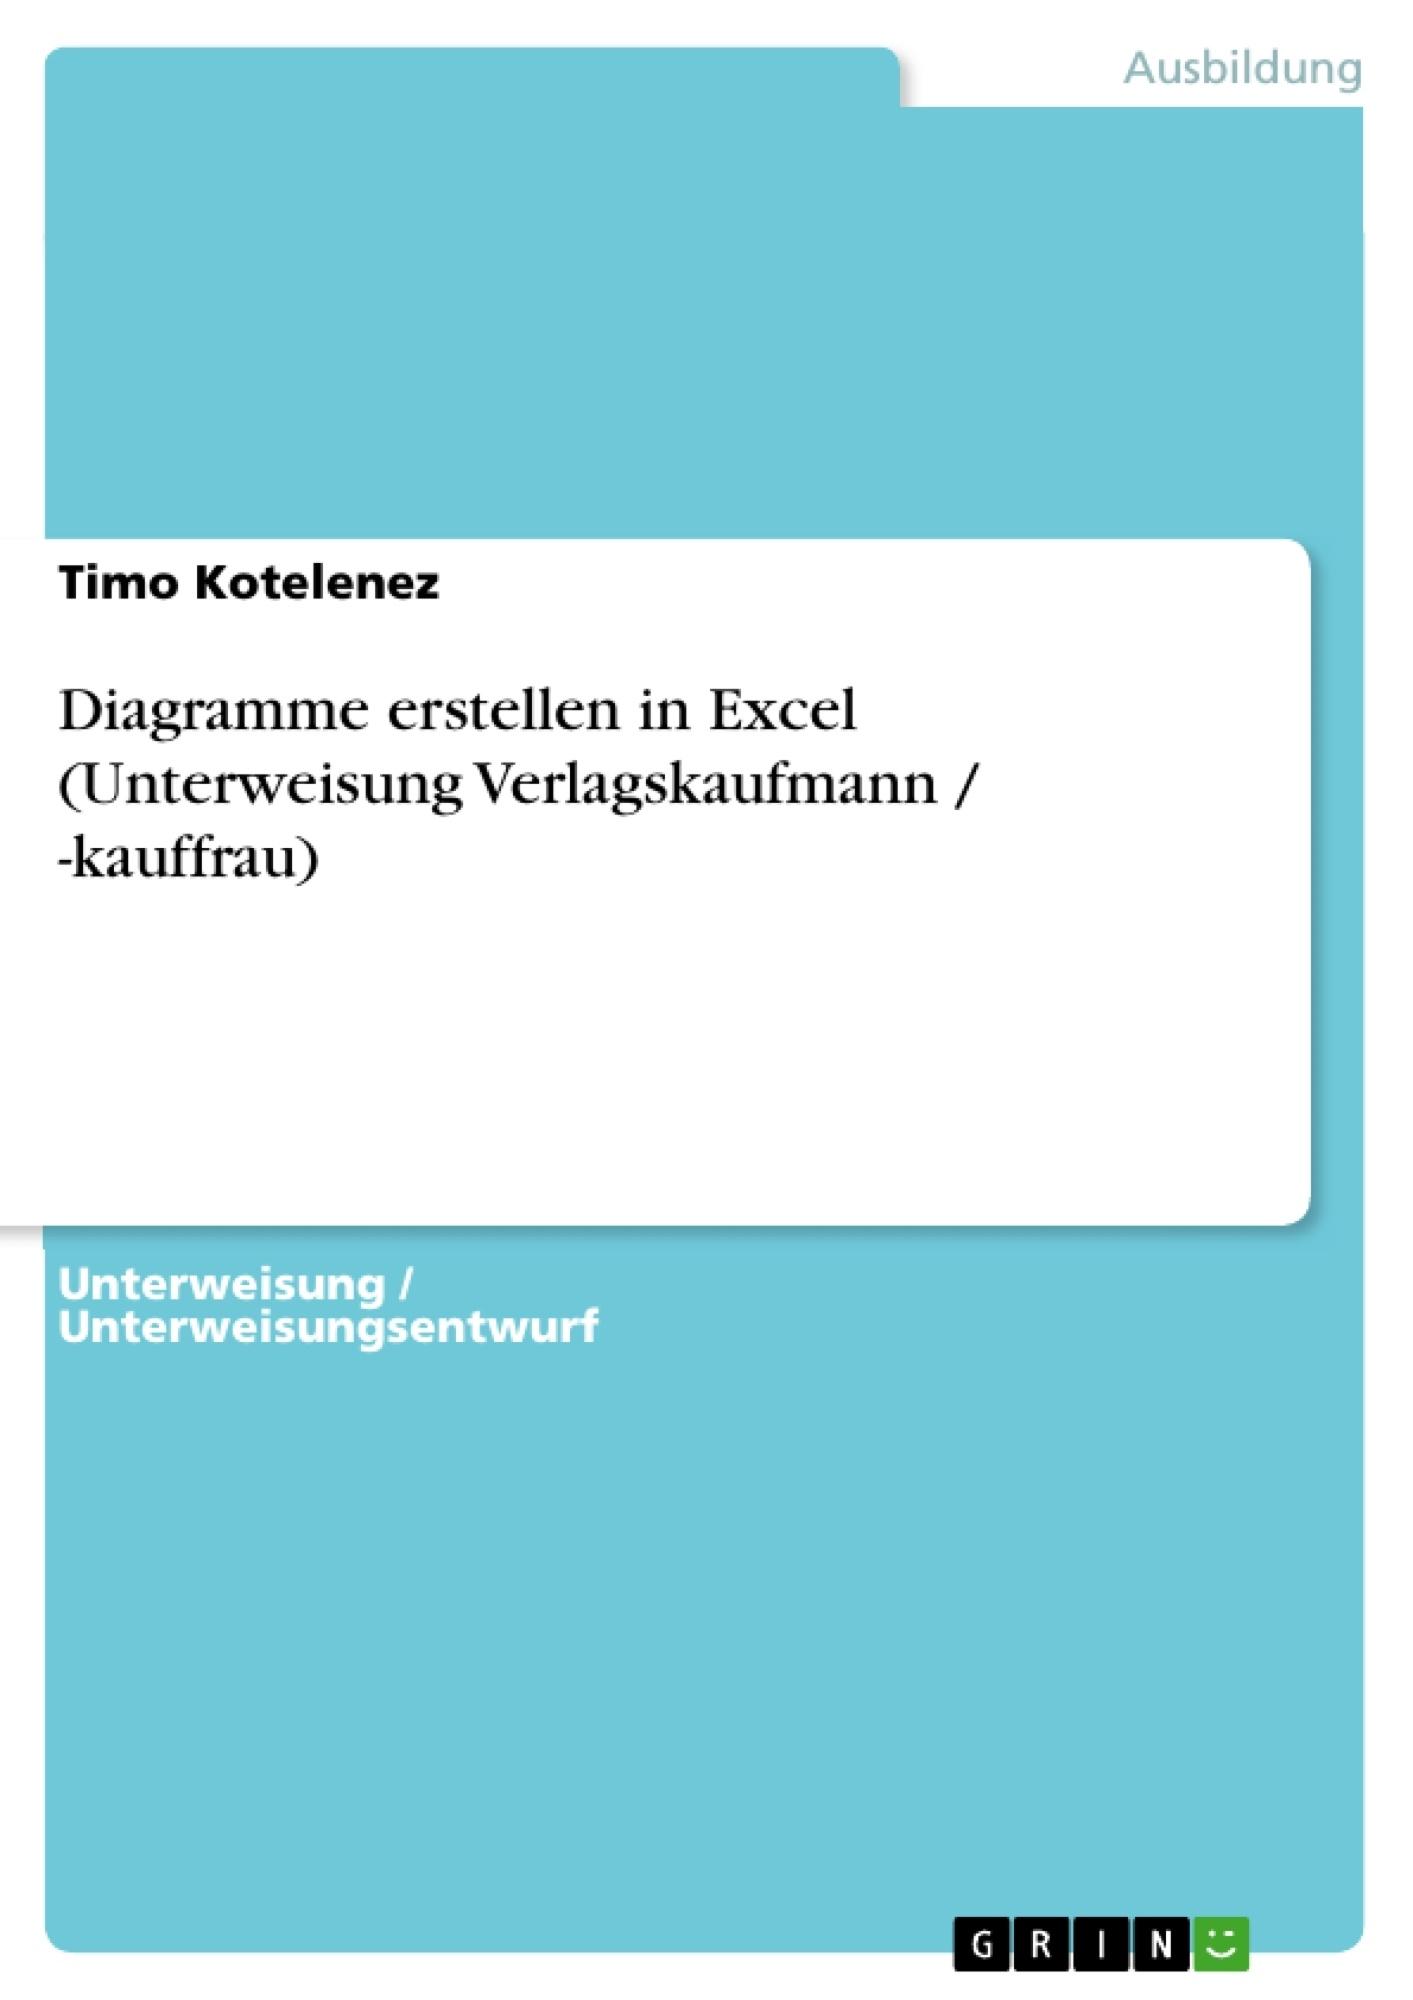 Titel: Diagramme erstellen in Excel (Unterweisung Verlagskaufmann / -kauffrau)